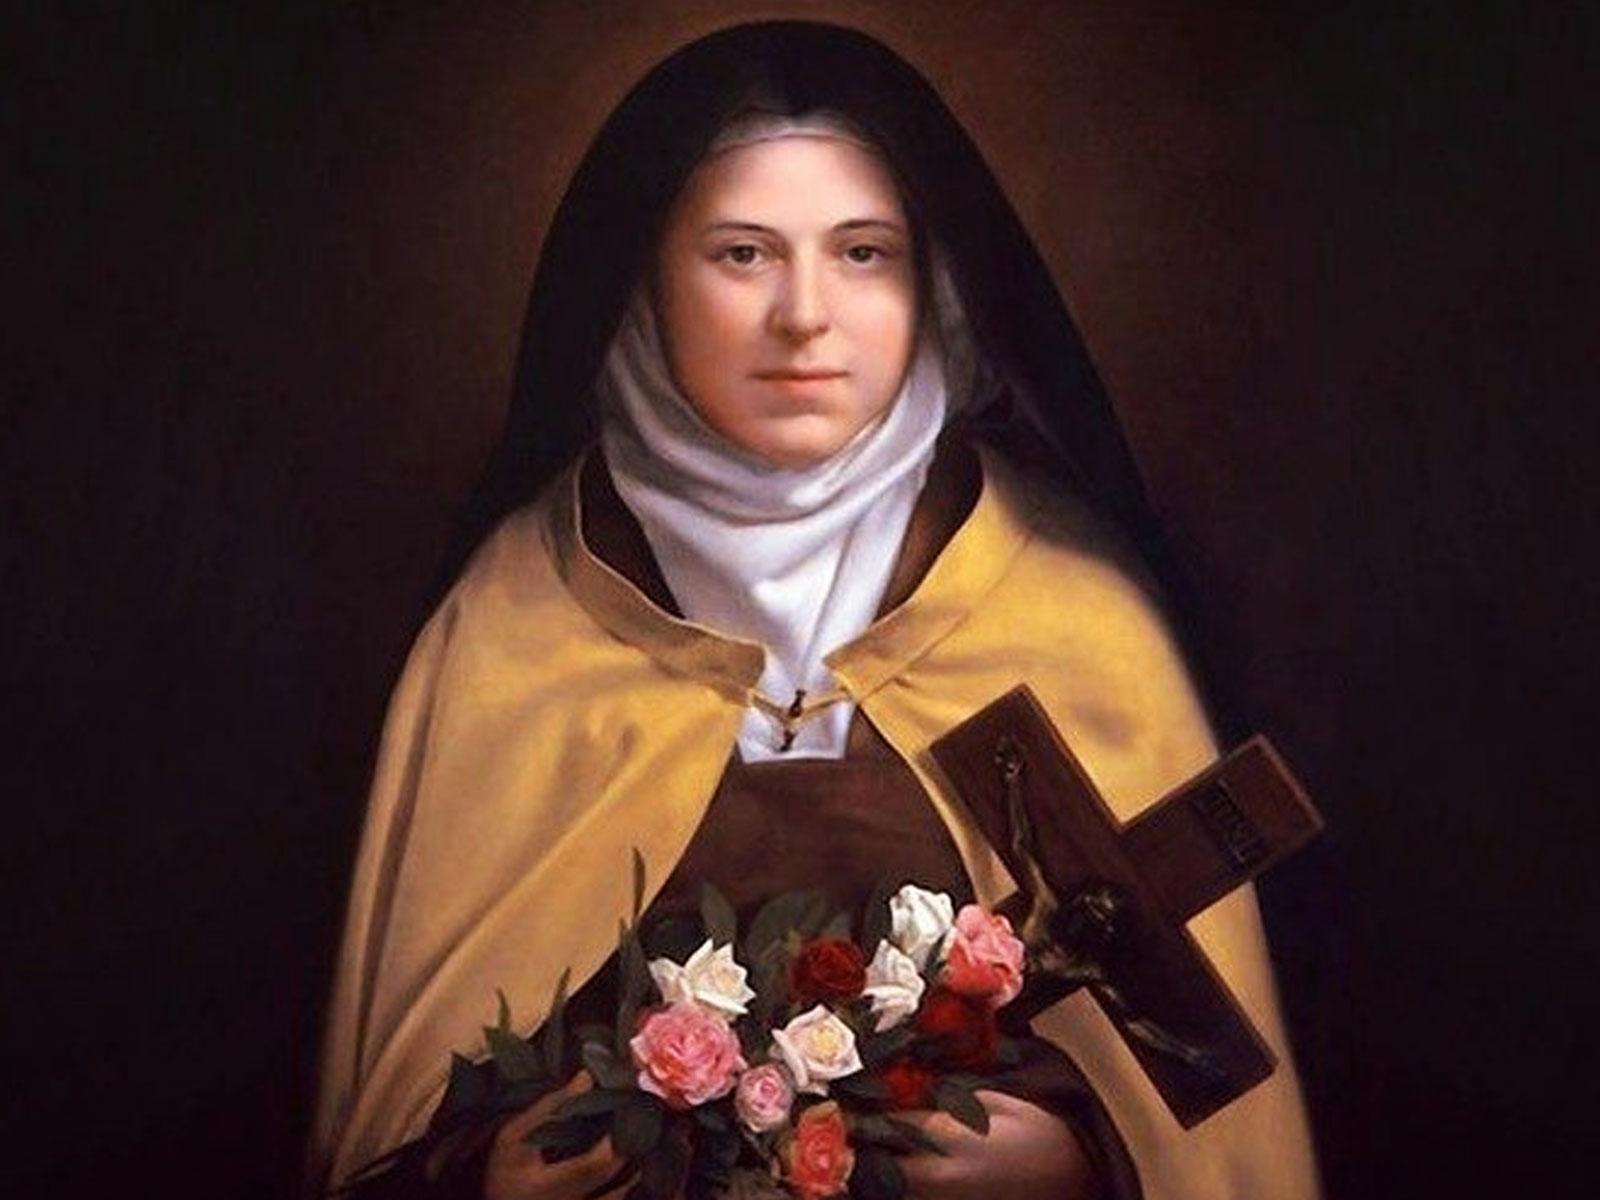 novena das rosas de santa terezinha do menino jesus quem reza se salva novena das rosas de santa terezinha do